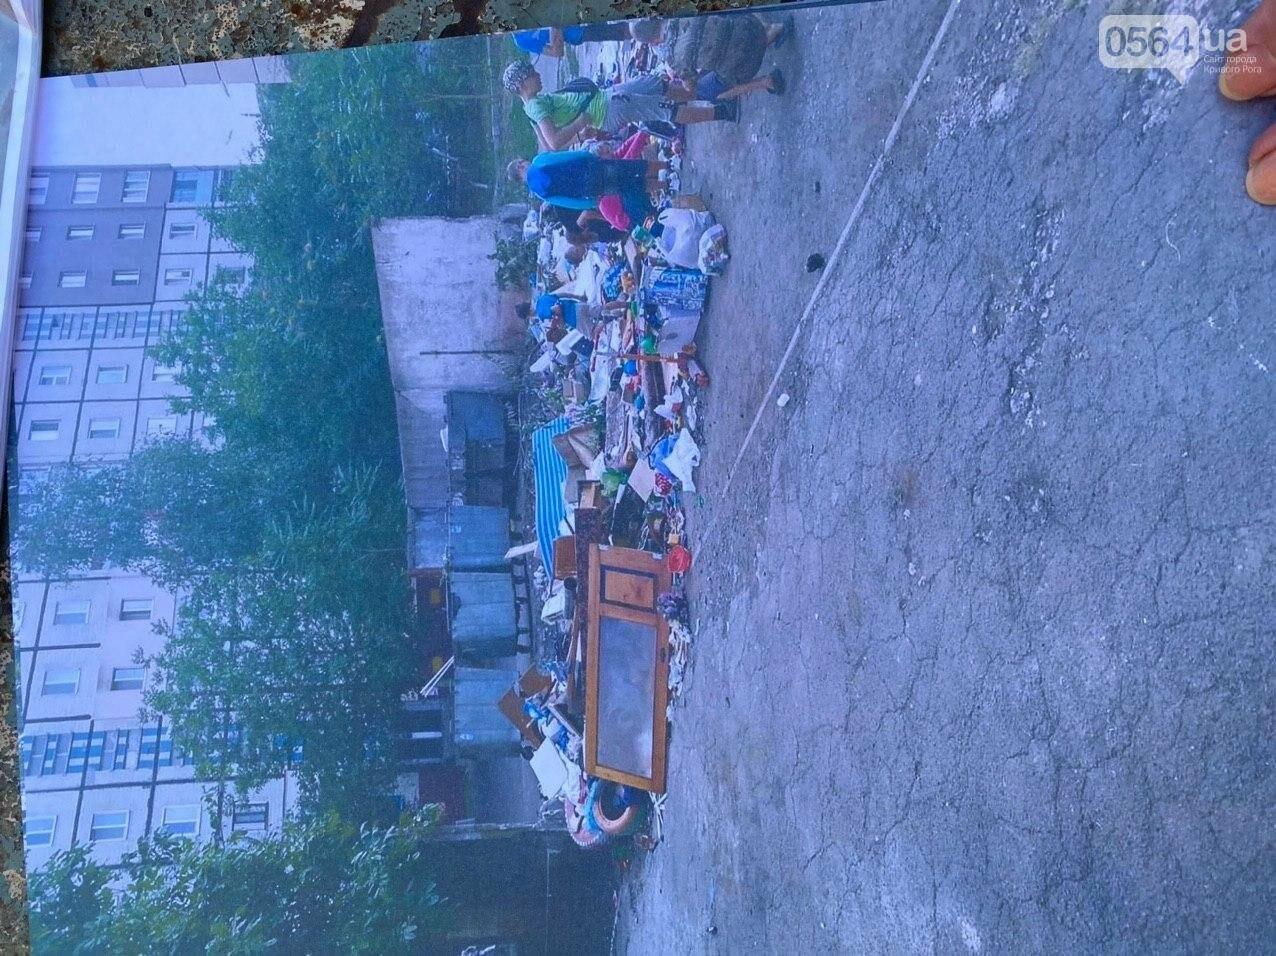 """""""Даже не смешно"""": криворожанам на просьбу реконструировать контейнерную площадку отчитались об уборке, - ФОТО, ВИДЕО , фото-12"""